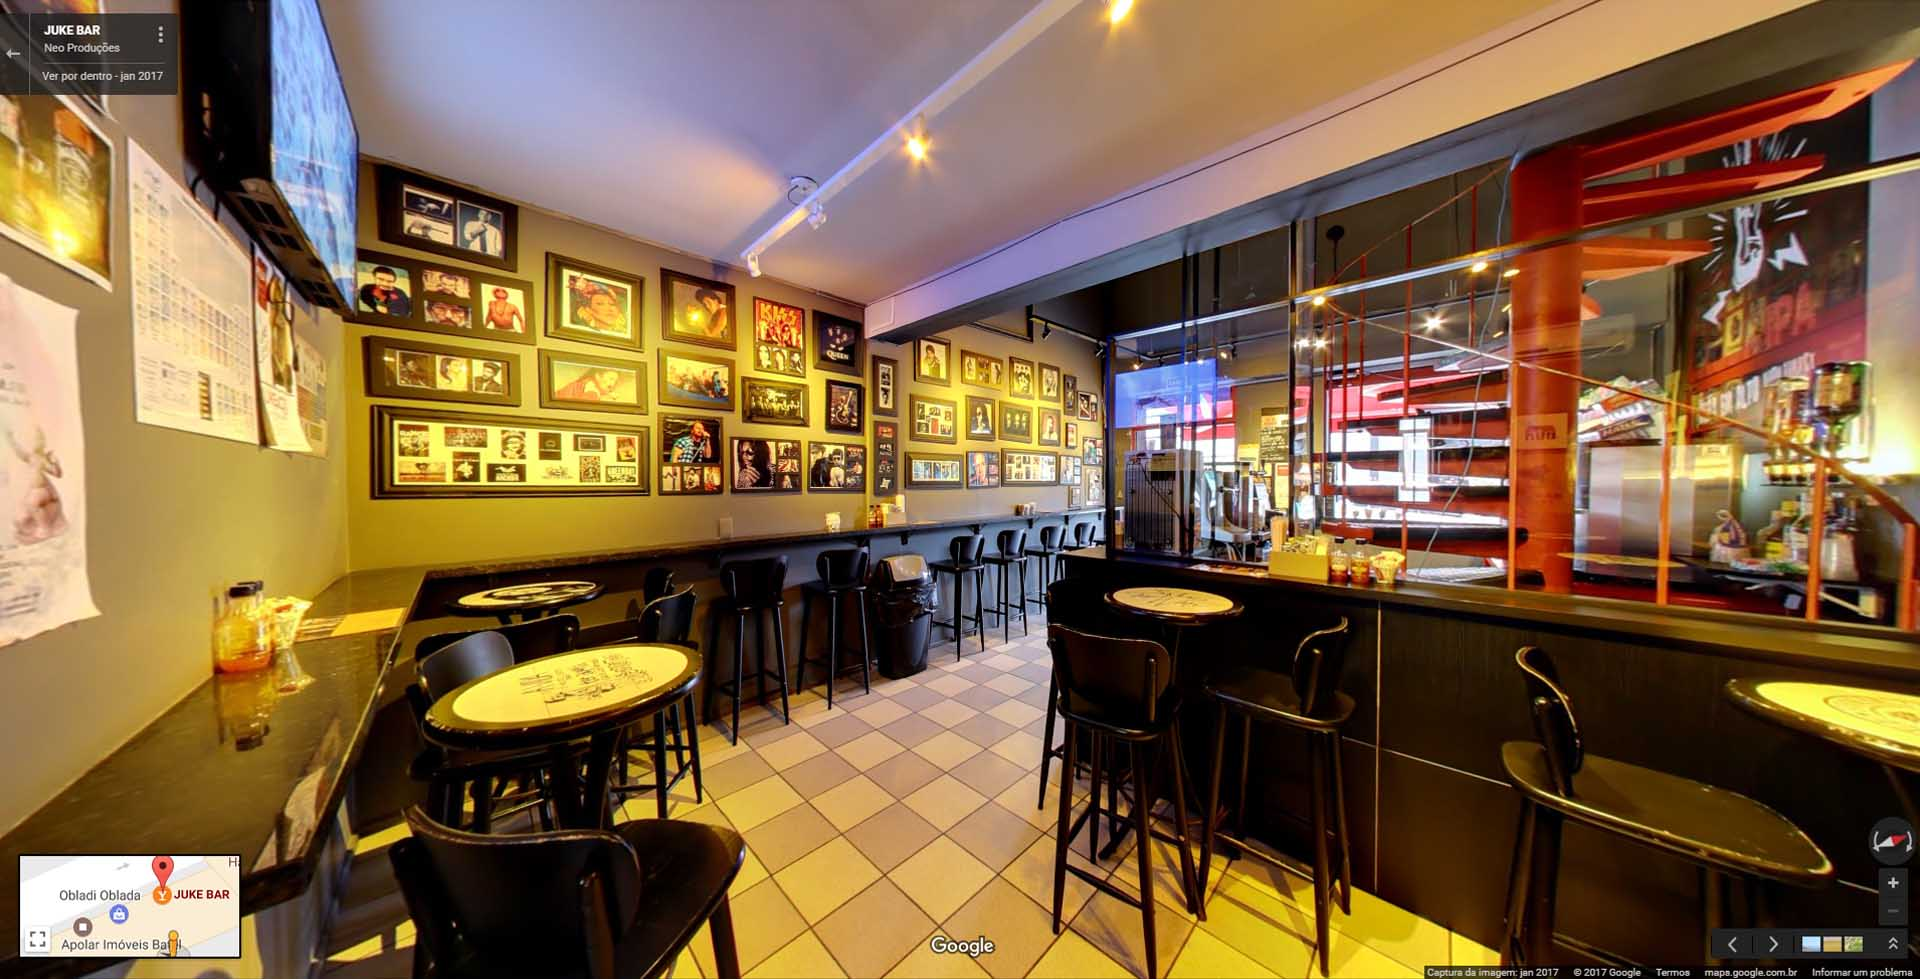 Juke Bar